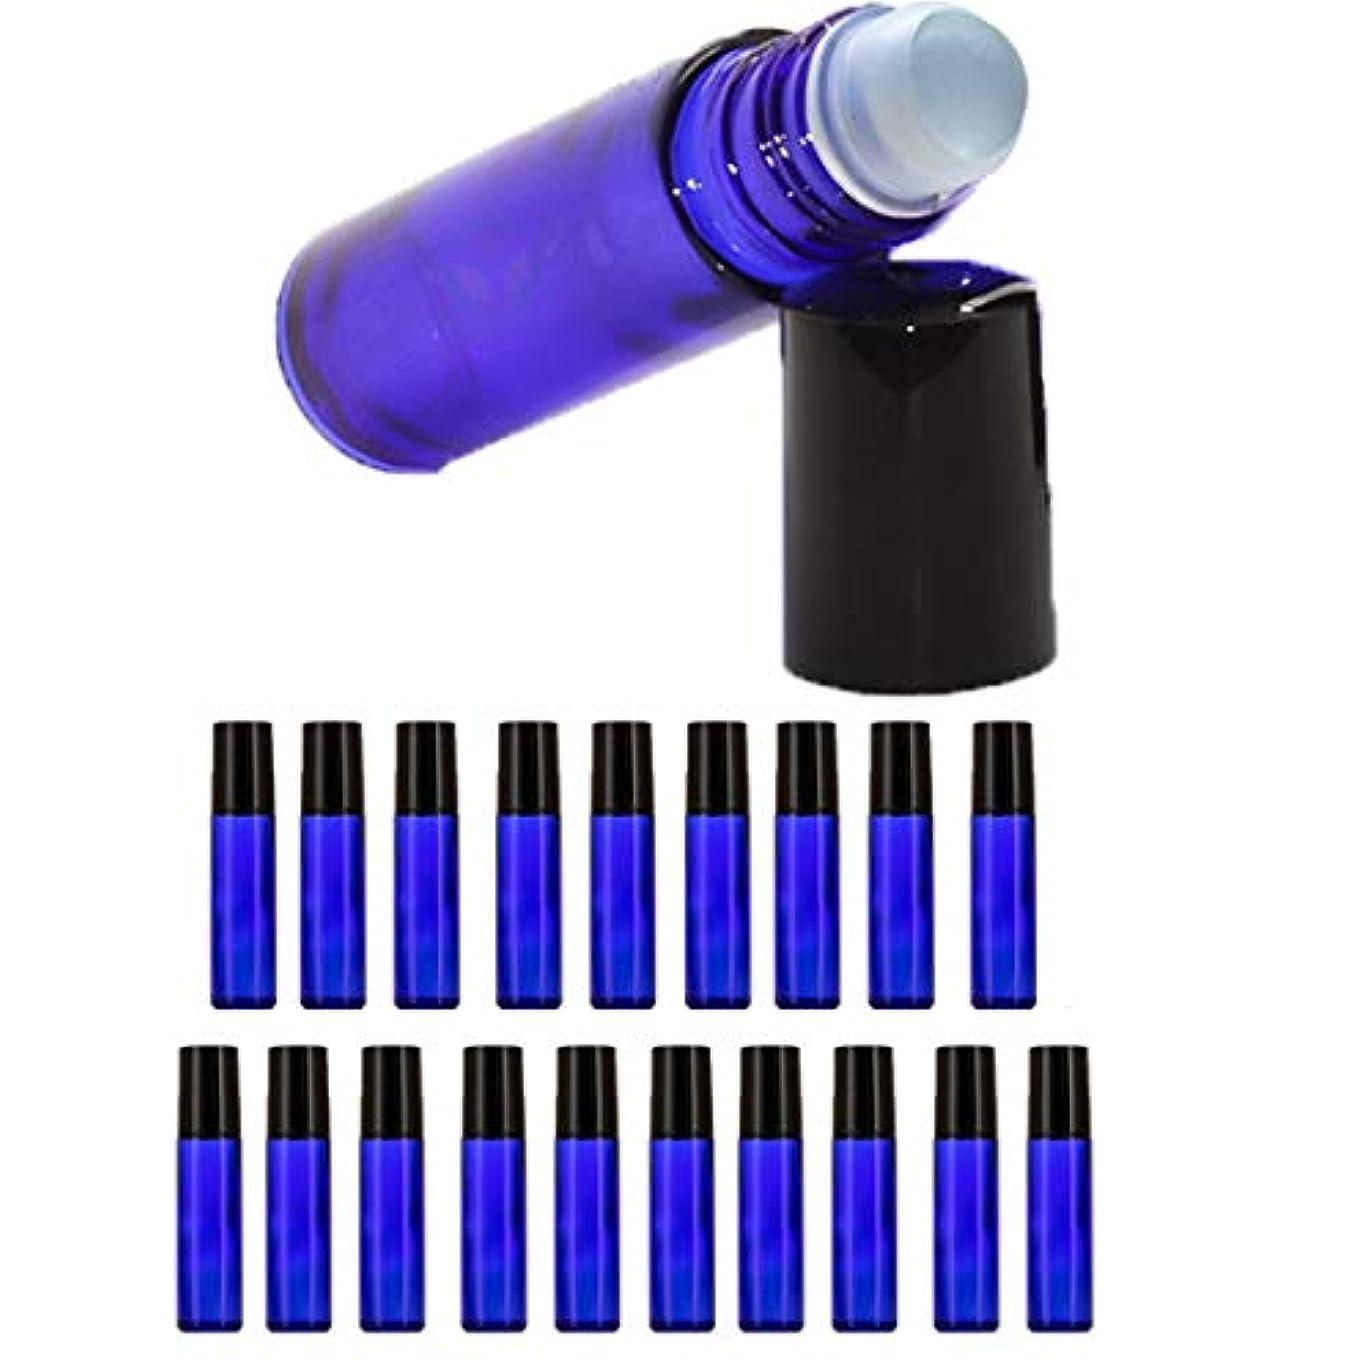 教義脈拍アルファベット【Nanmara】ロールオンボトル 10ml 20個セット 遮光瓶 小分け ガラスボトル 詰め替え 容器 エッセンシャルオイル 遮光ビン 青色 ブルー (20個セット)